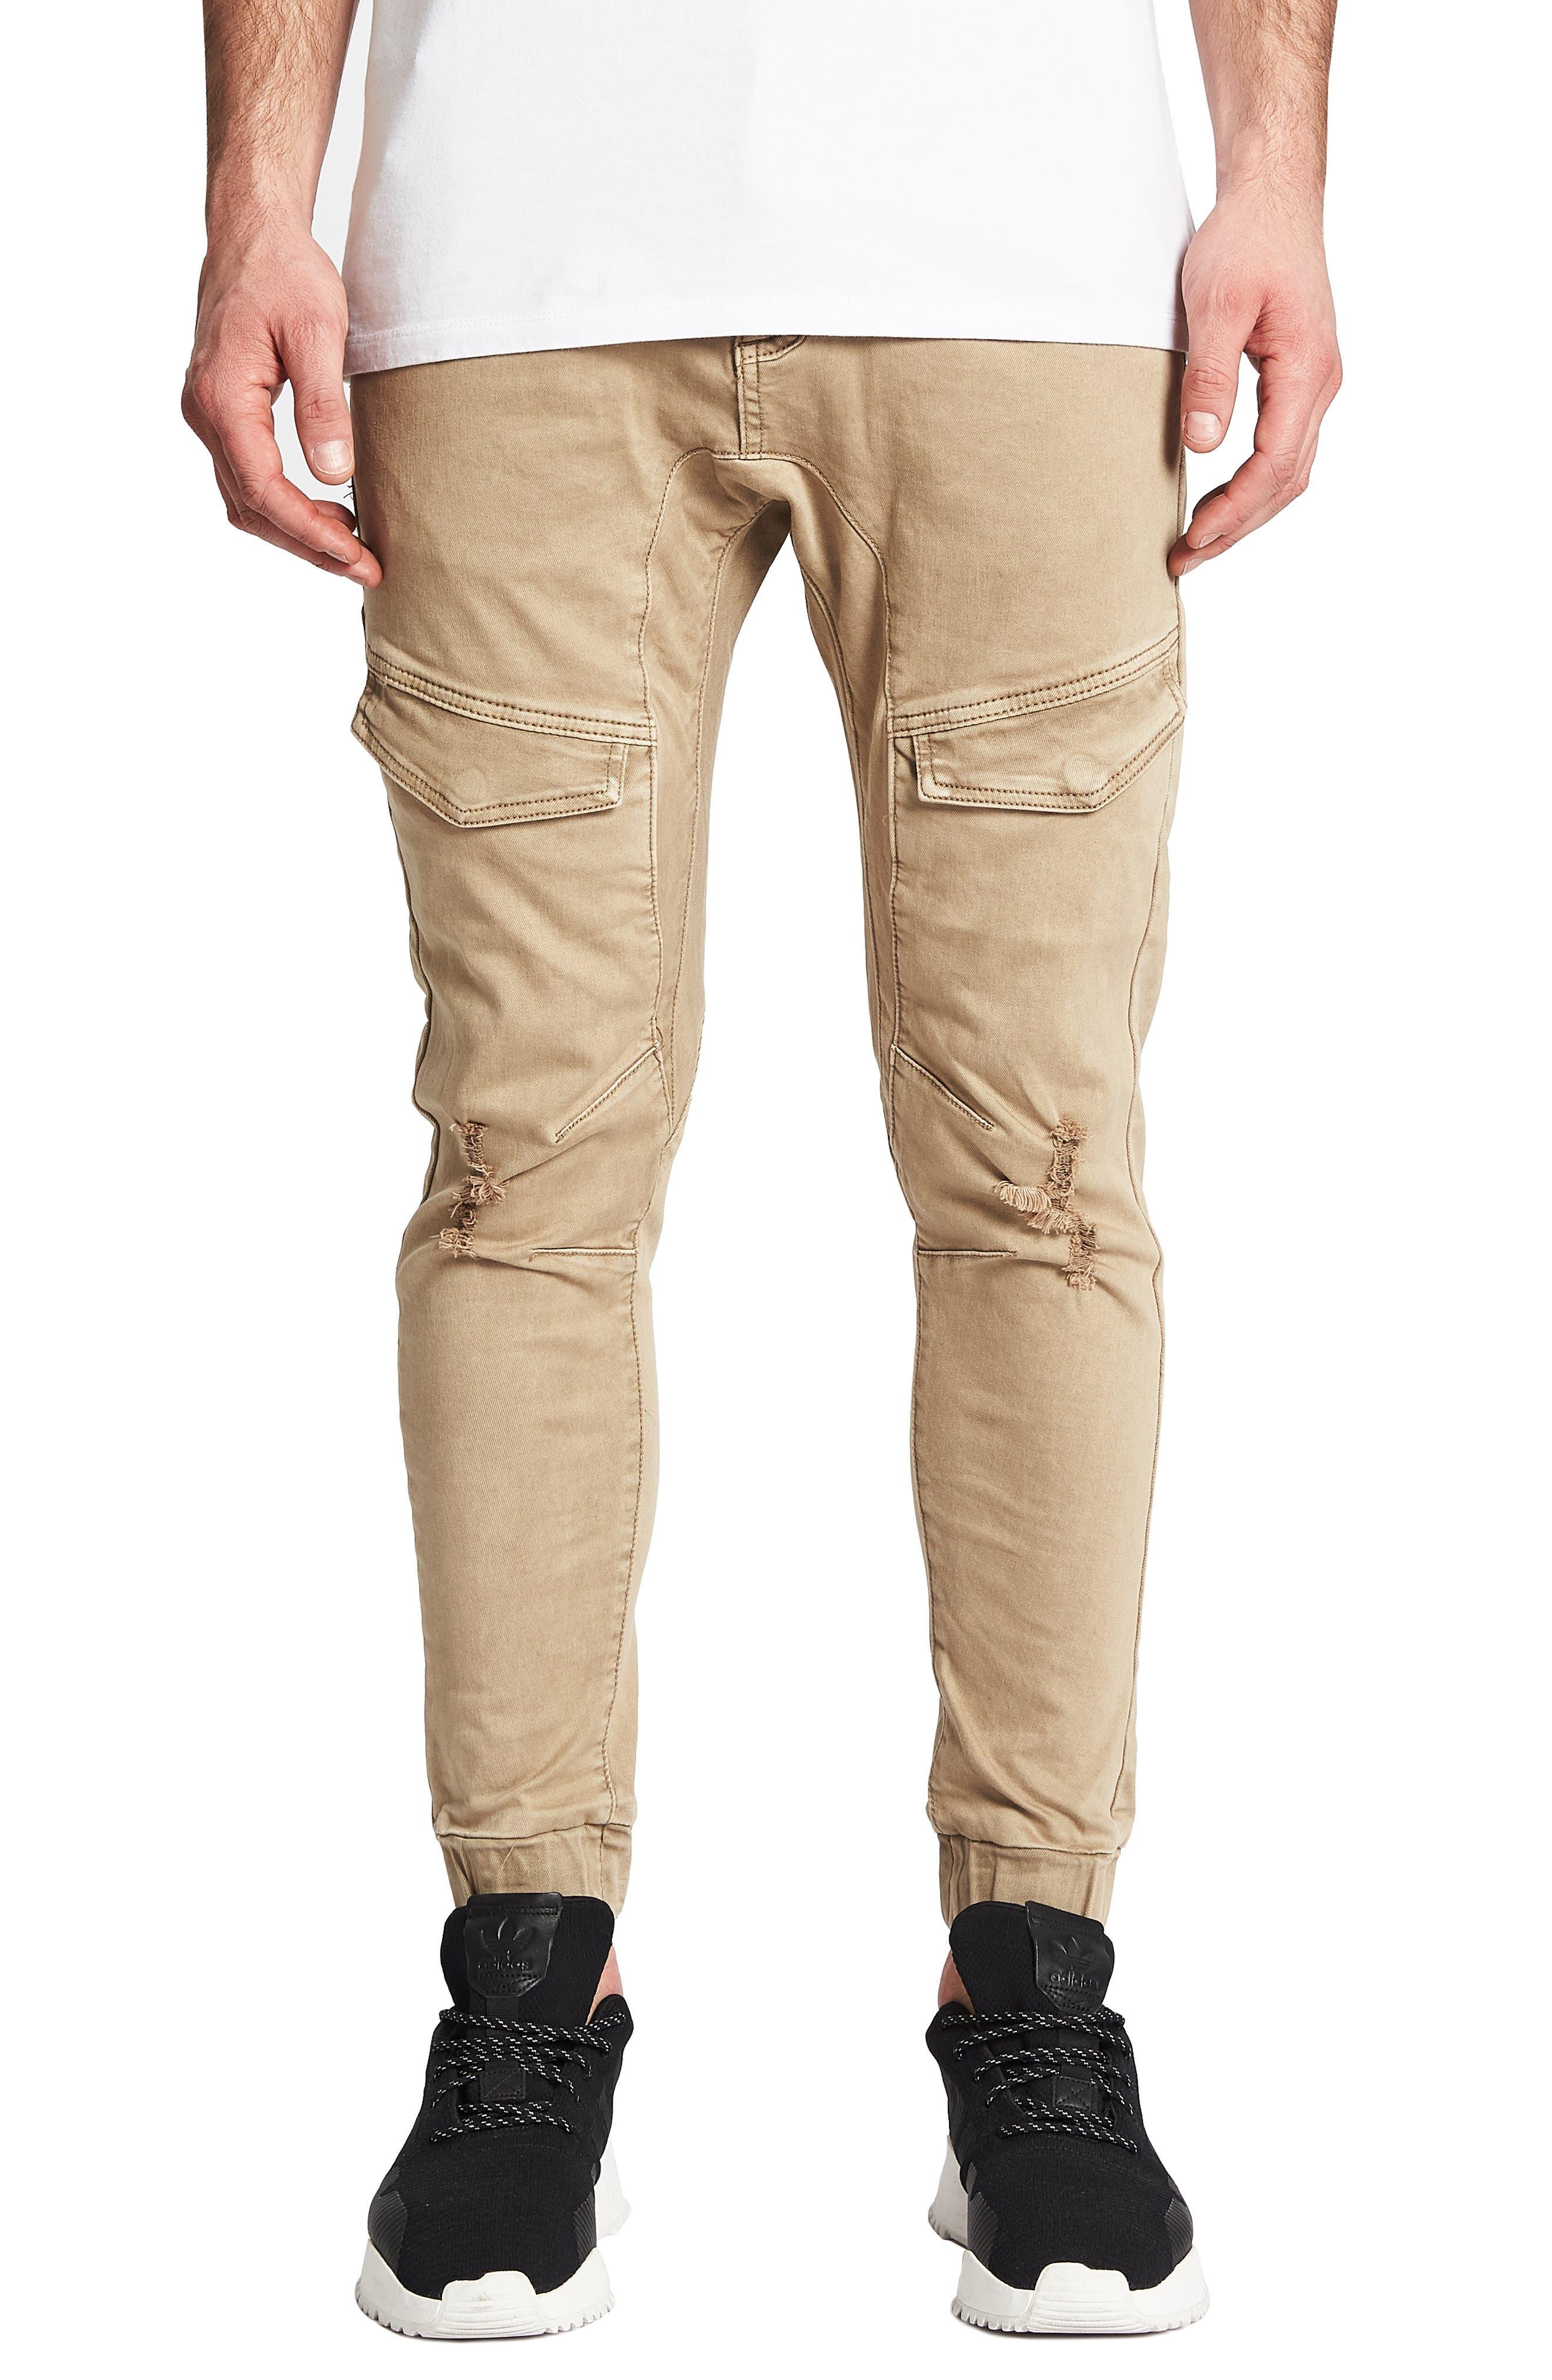 NXP Flight Skinny Denim Jogger Pants in Oxford Tan